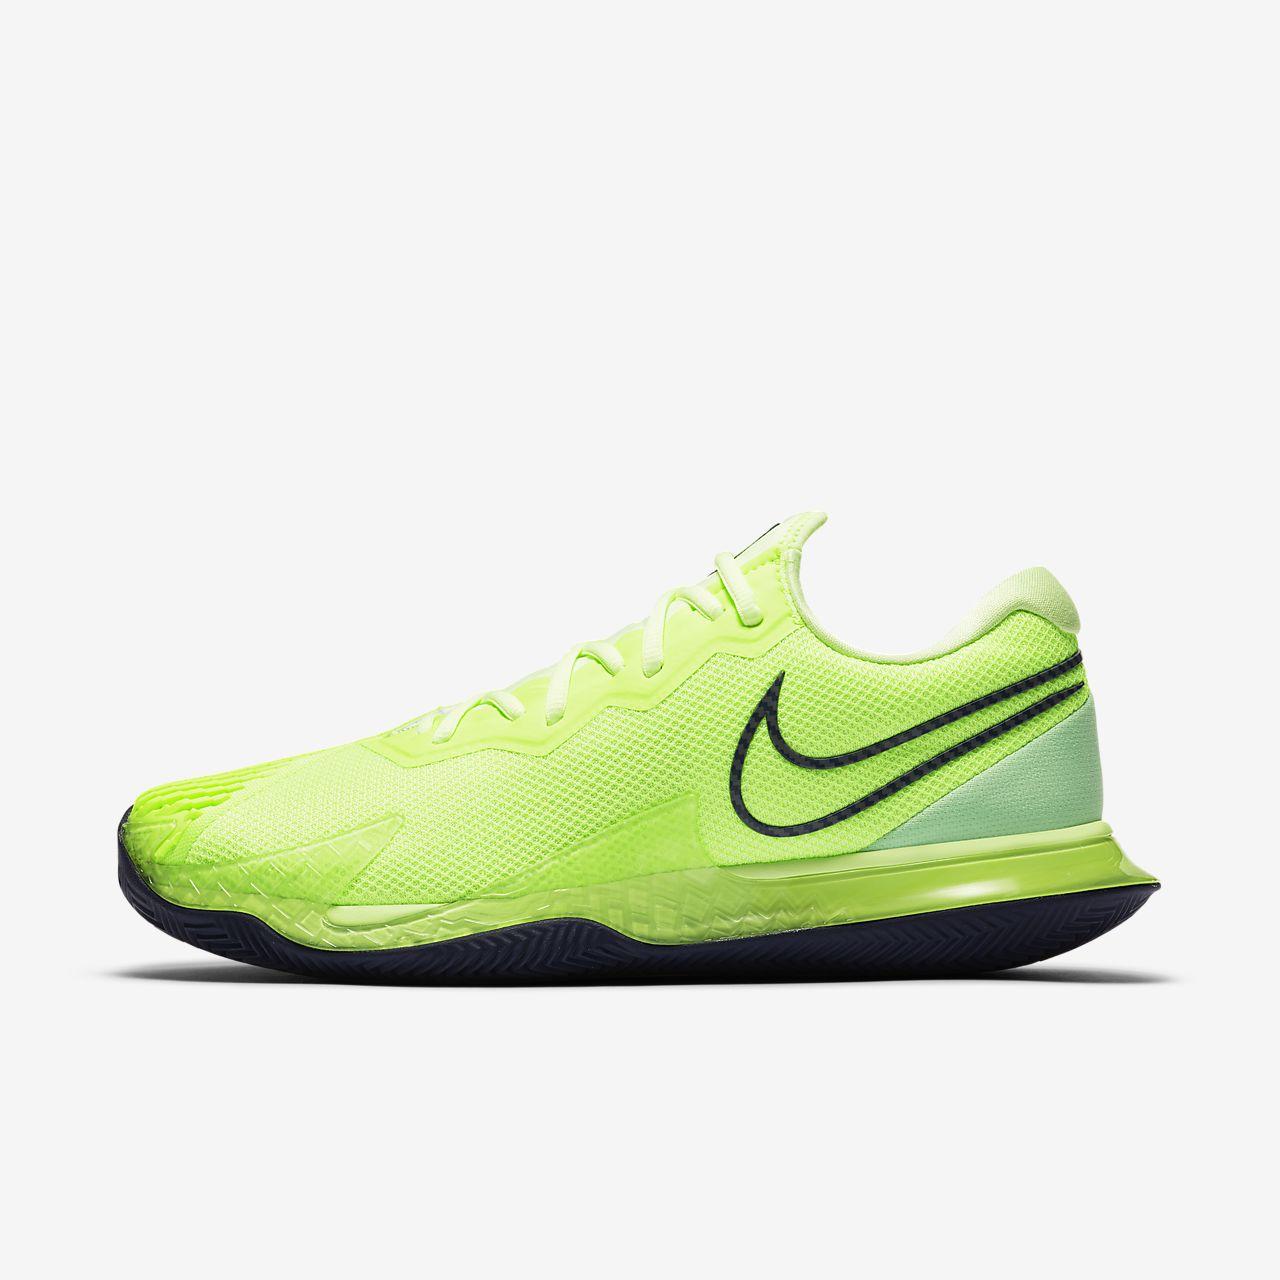 NikeCourt Air Zoom Vapor Cage 4-tennissko til grus til mænd